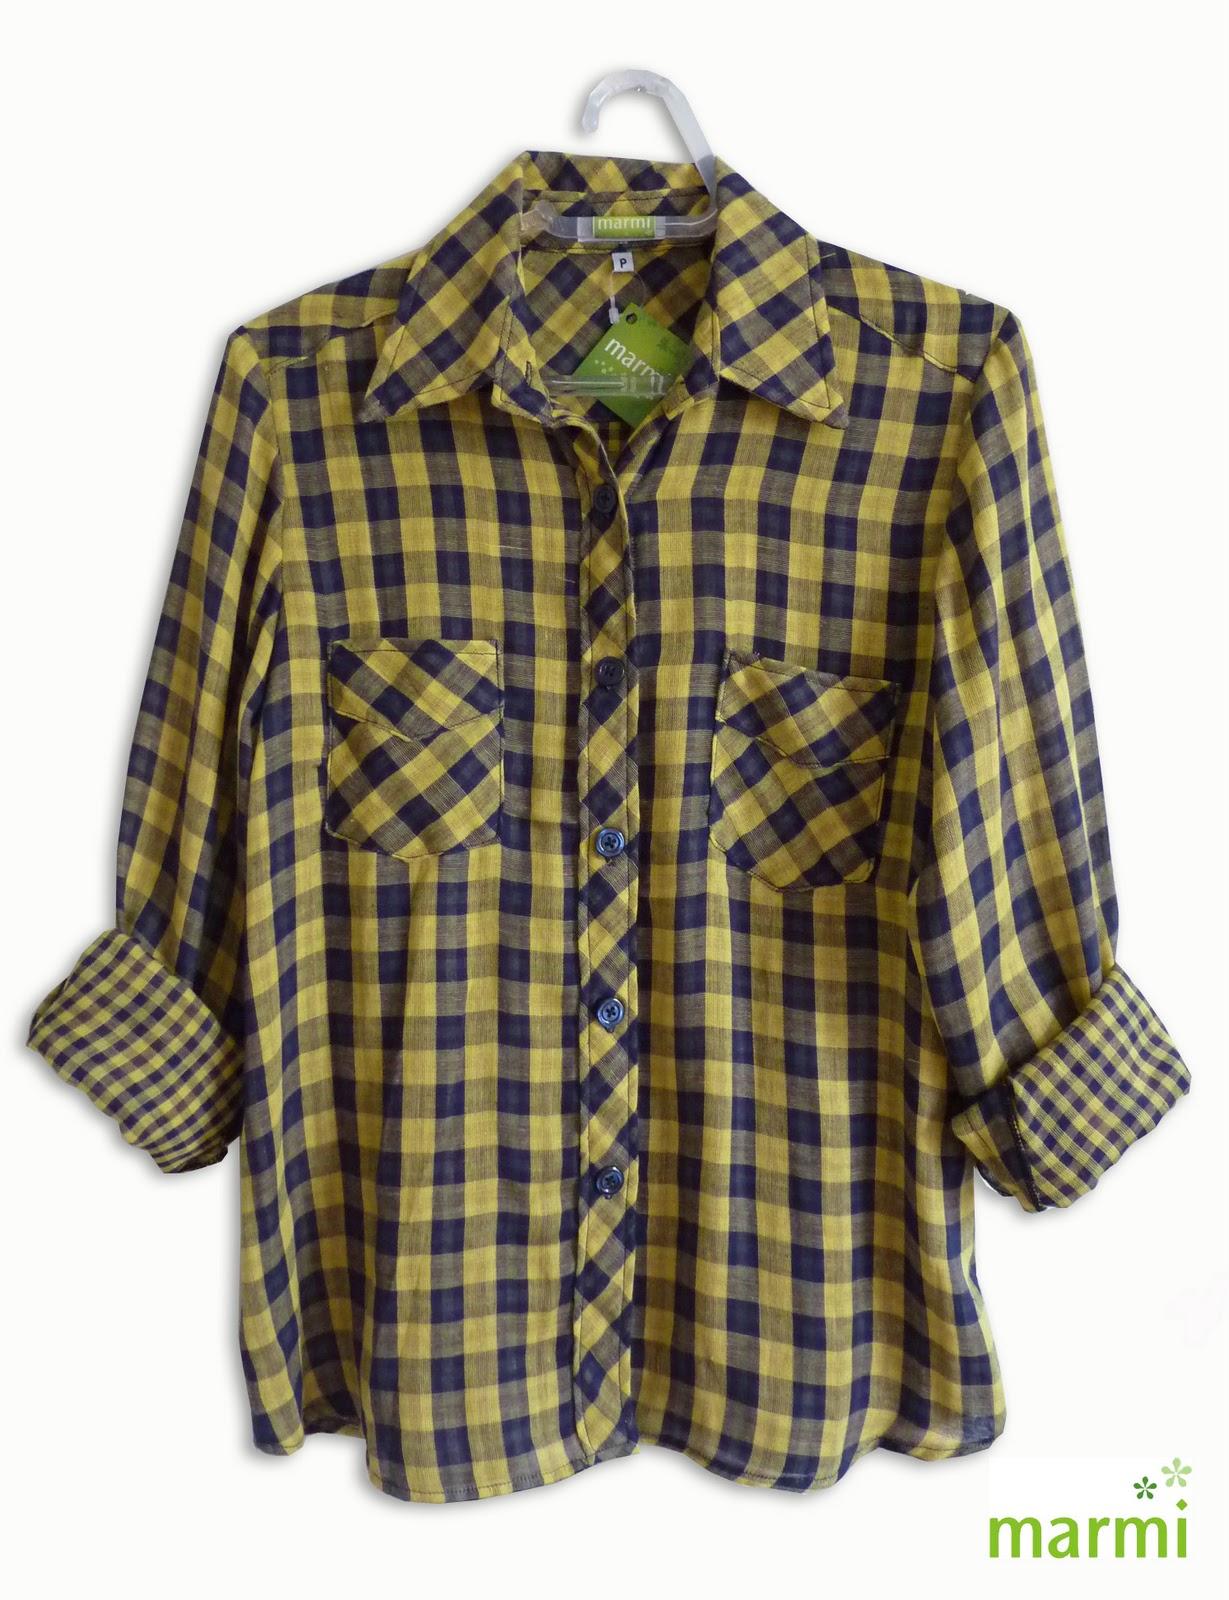 Camisa xadrez gaze amarela. Mais uma cor linda chegando para alegrar os  primeiros dias de frio! Uma mistura perfeita de amarelo e azul marinho em  tecido ... 597f42fb838